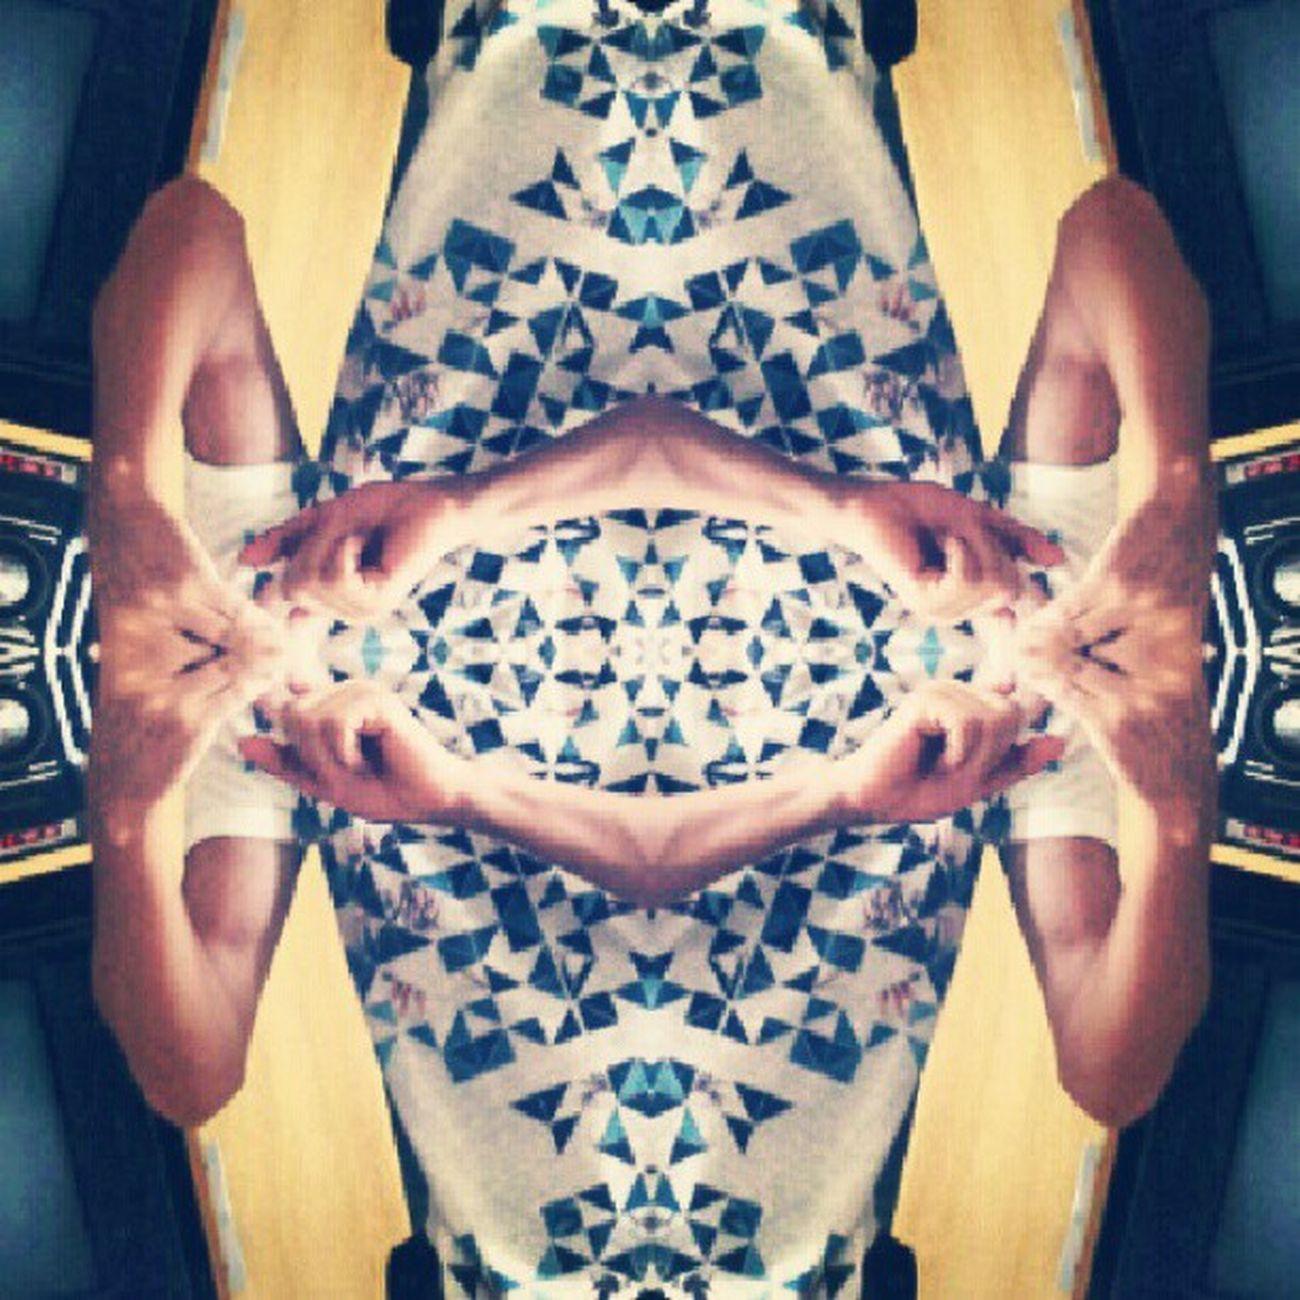 Bom dia! Espelho Igersbsb Formas Arts digital photo instagram @instagram